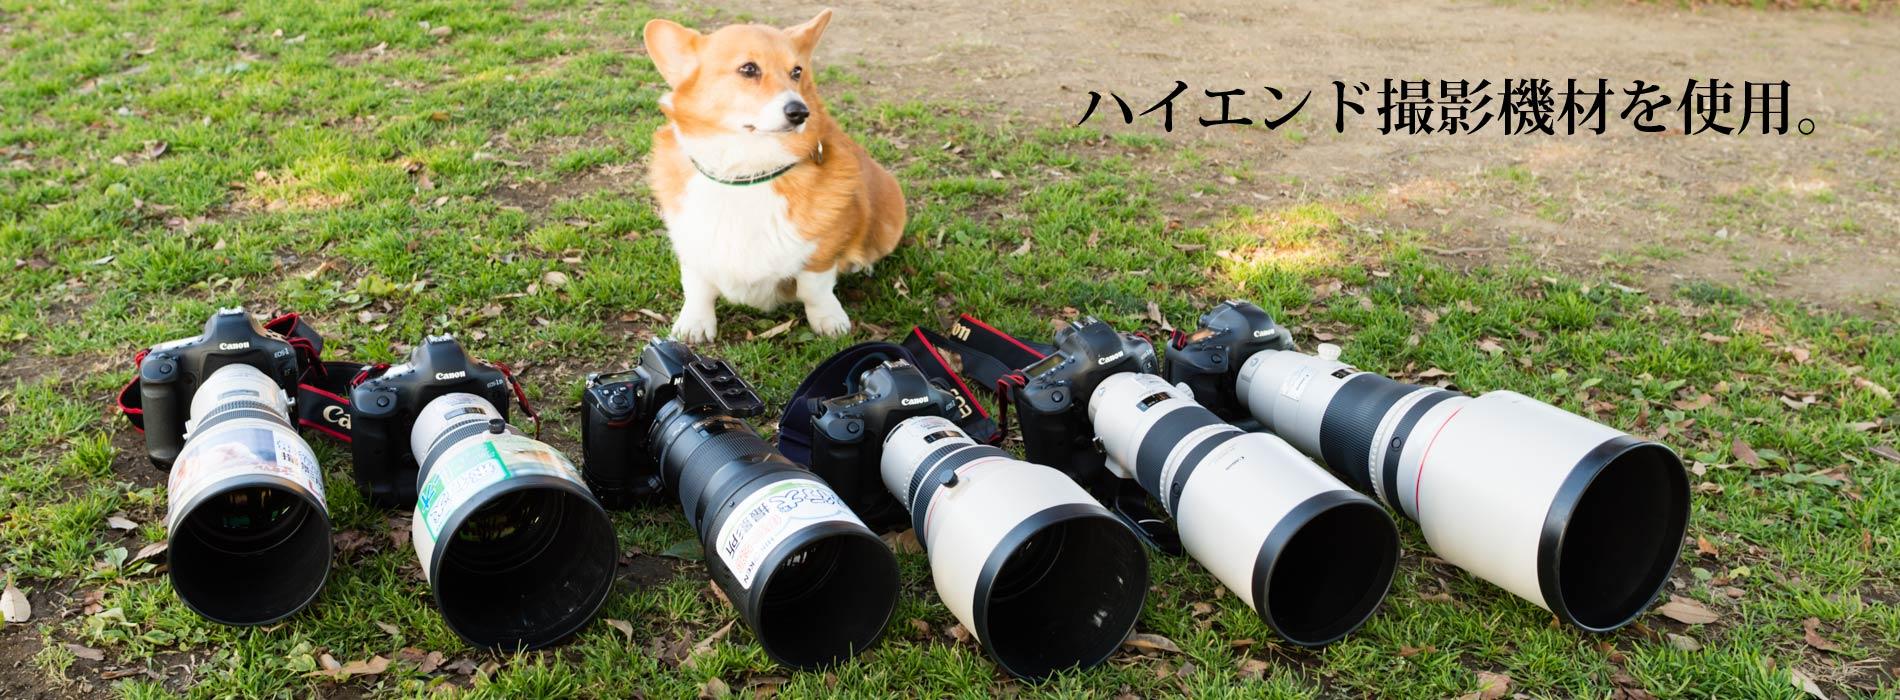 ハイエンド撮影機材を使用。